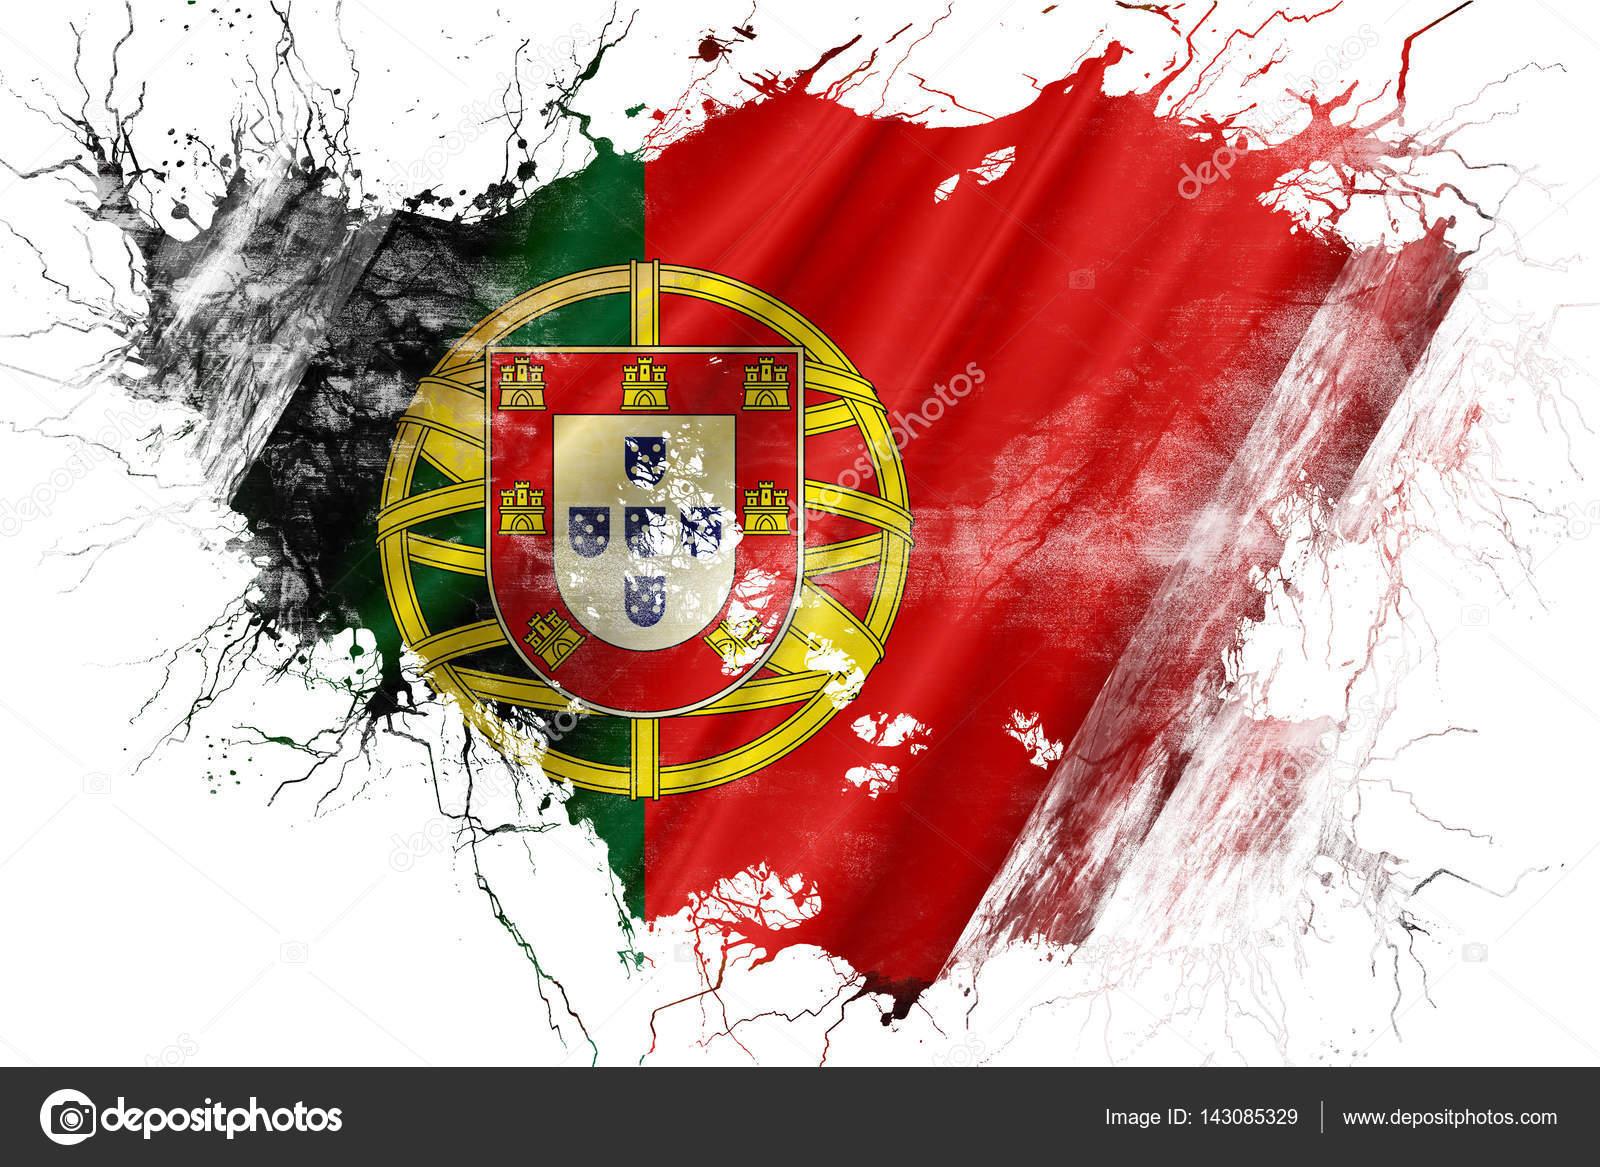 Ancien drapeau de Portugal grunge — Photographie ellandar